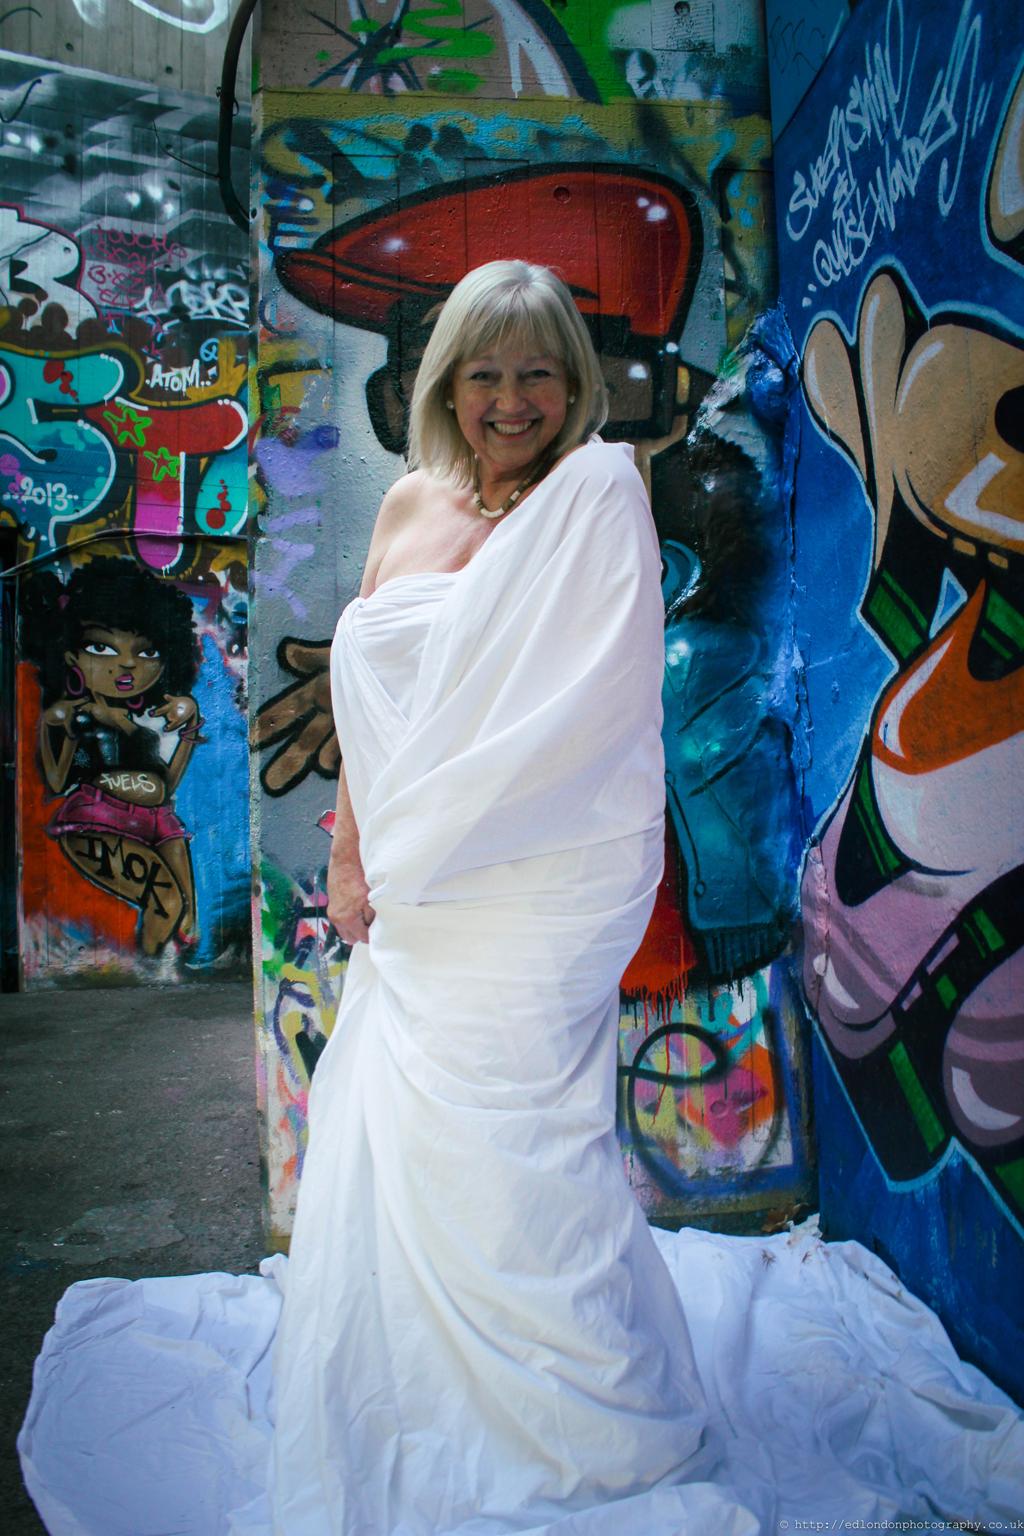 Beauty in older women: Margaret, 67